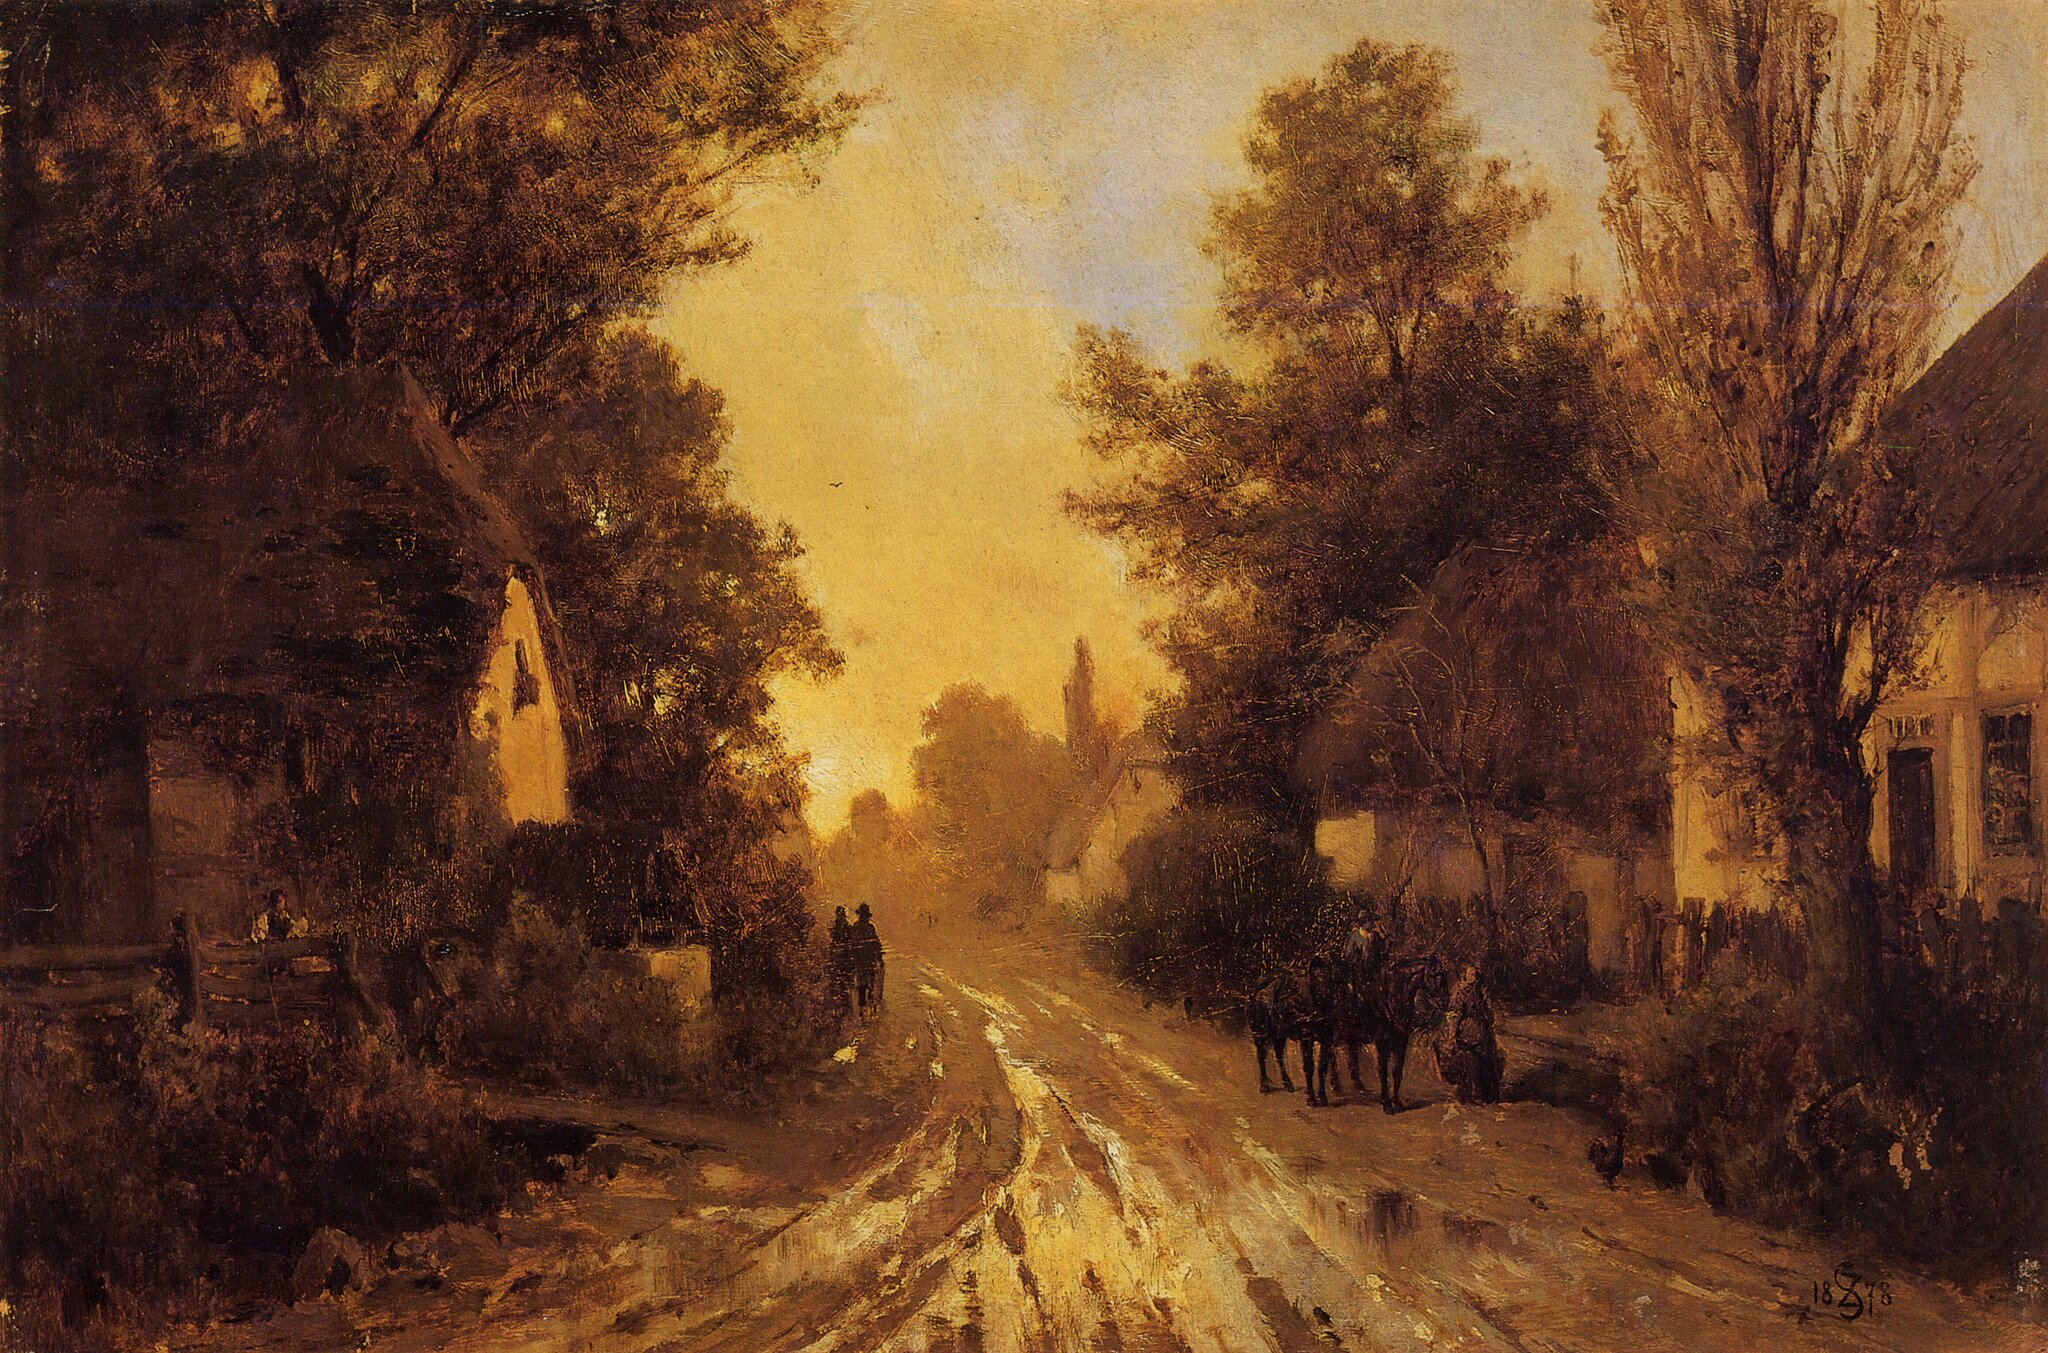 Wiejska droga jesienią Źródło: Zygmunt Sidorowicz, Wiejska droga jesienią, 1878, Muzeum Narodowe we Lwowie, domena publiczna.